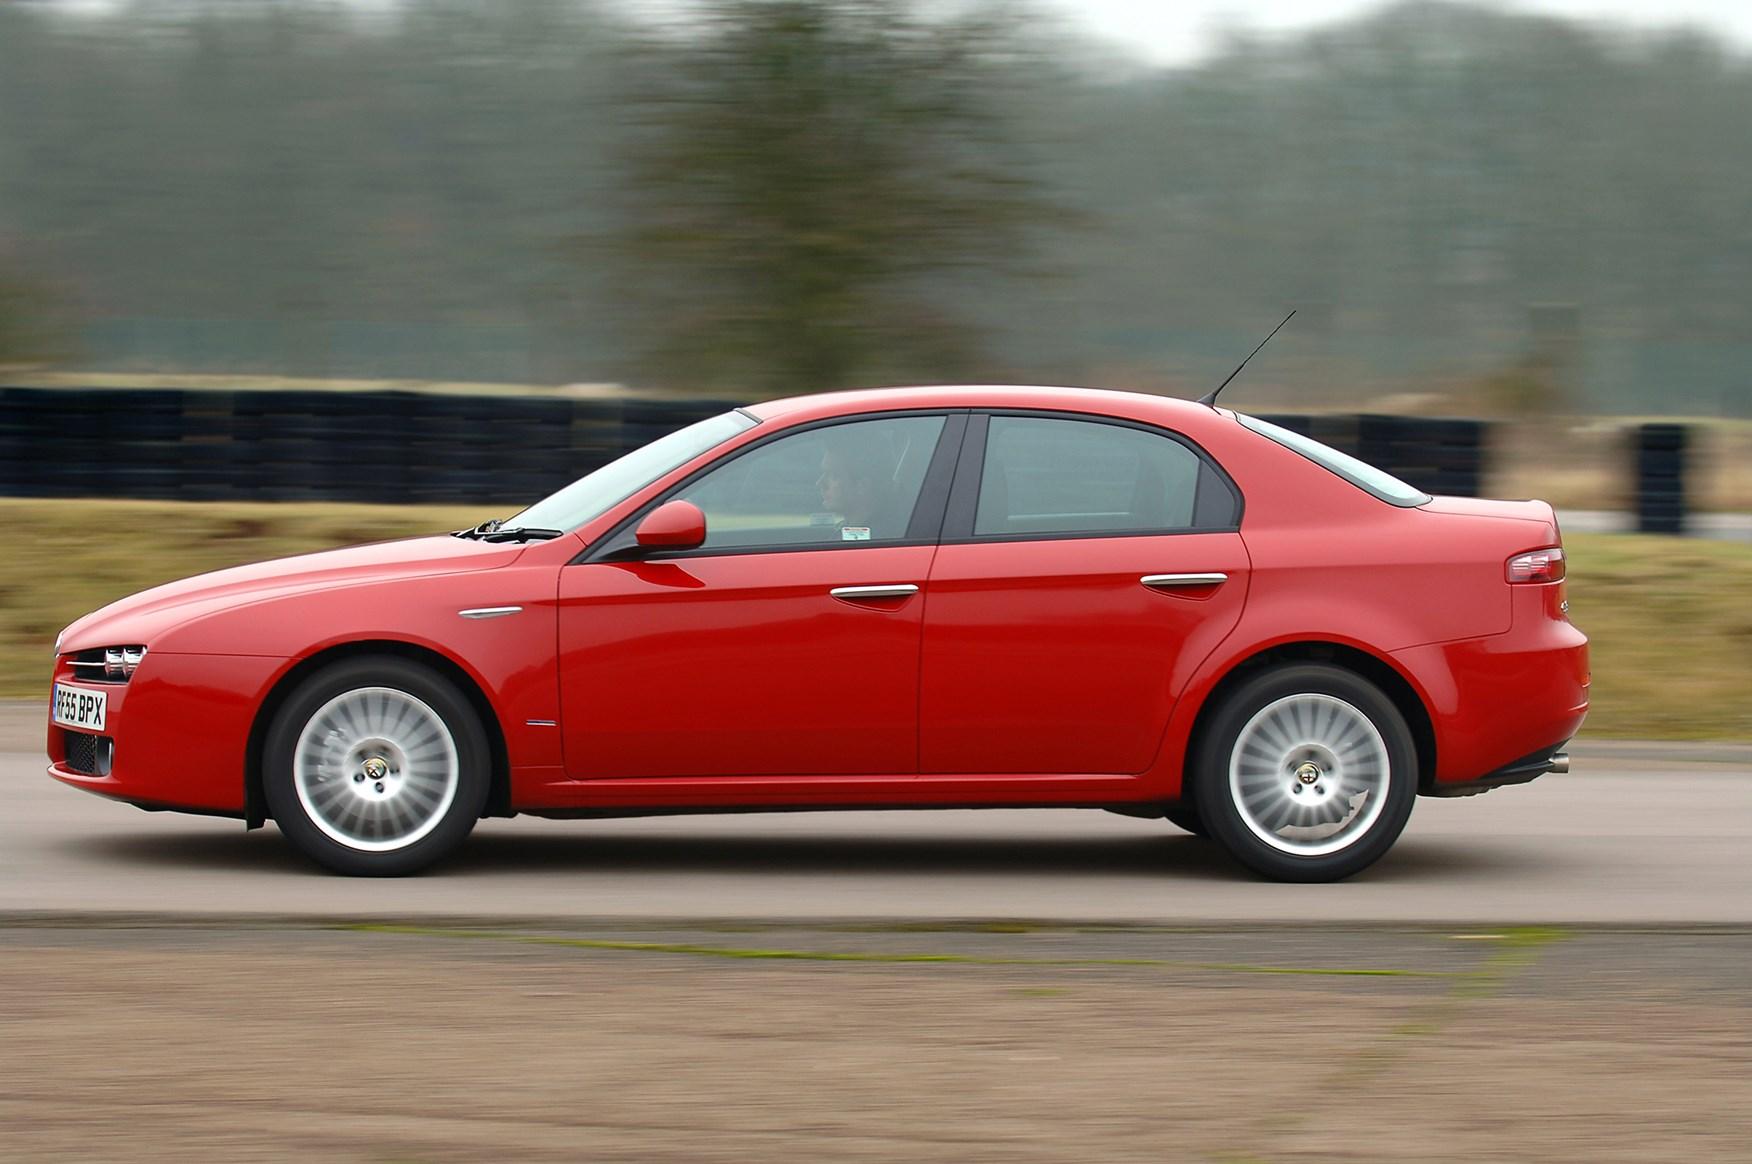 Alfa romeo mito 14 16v lusso review